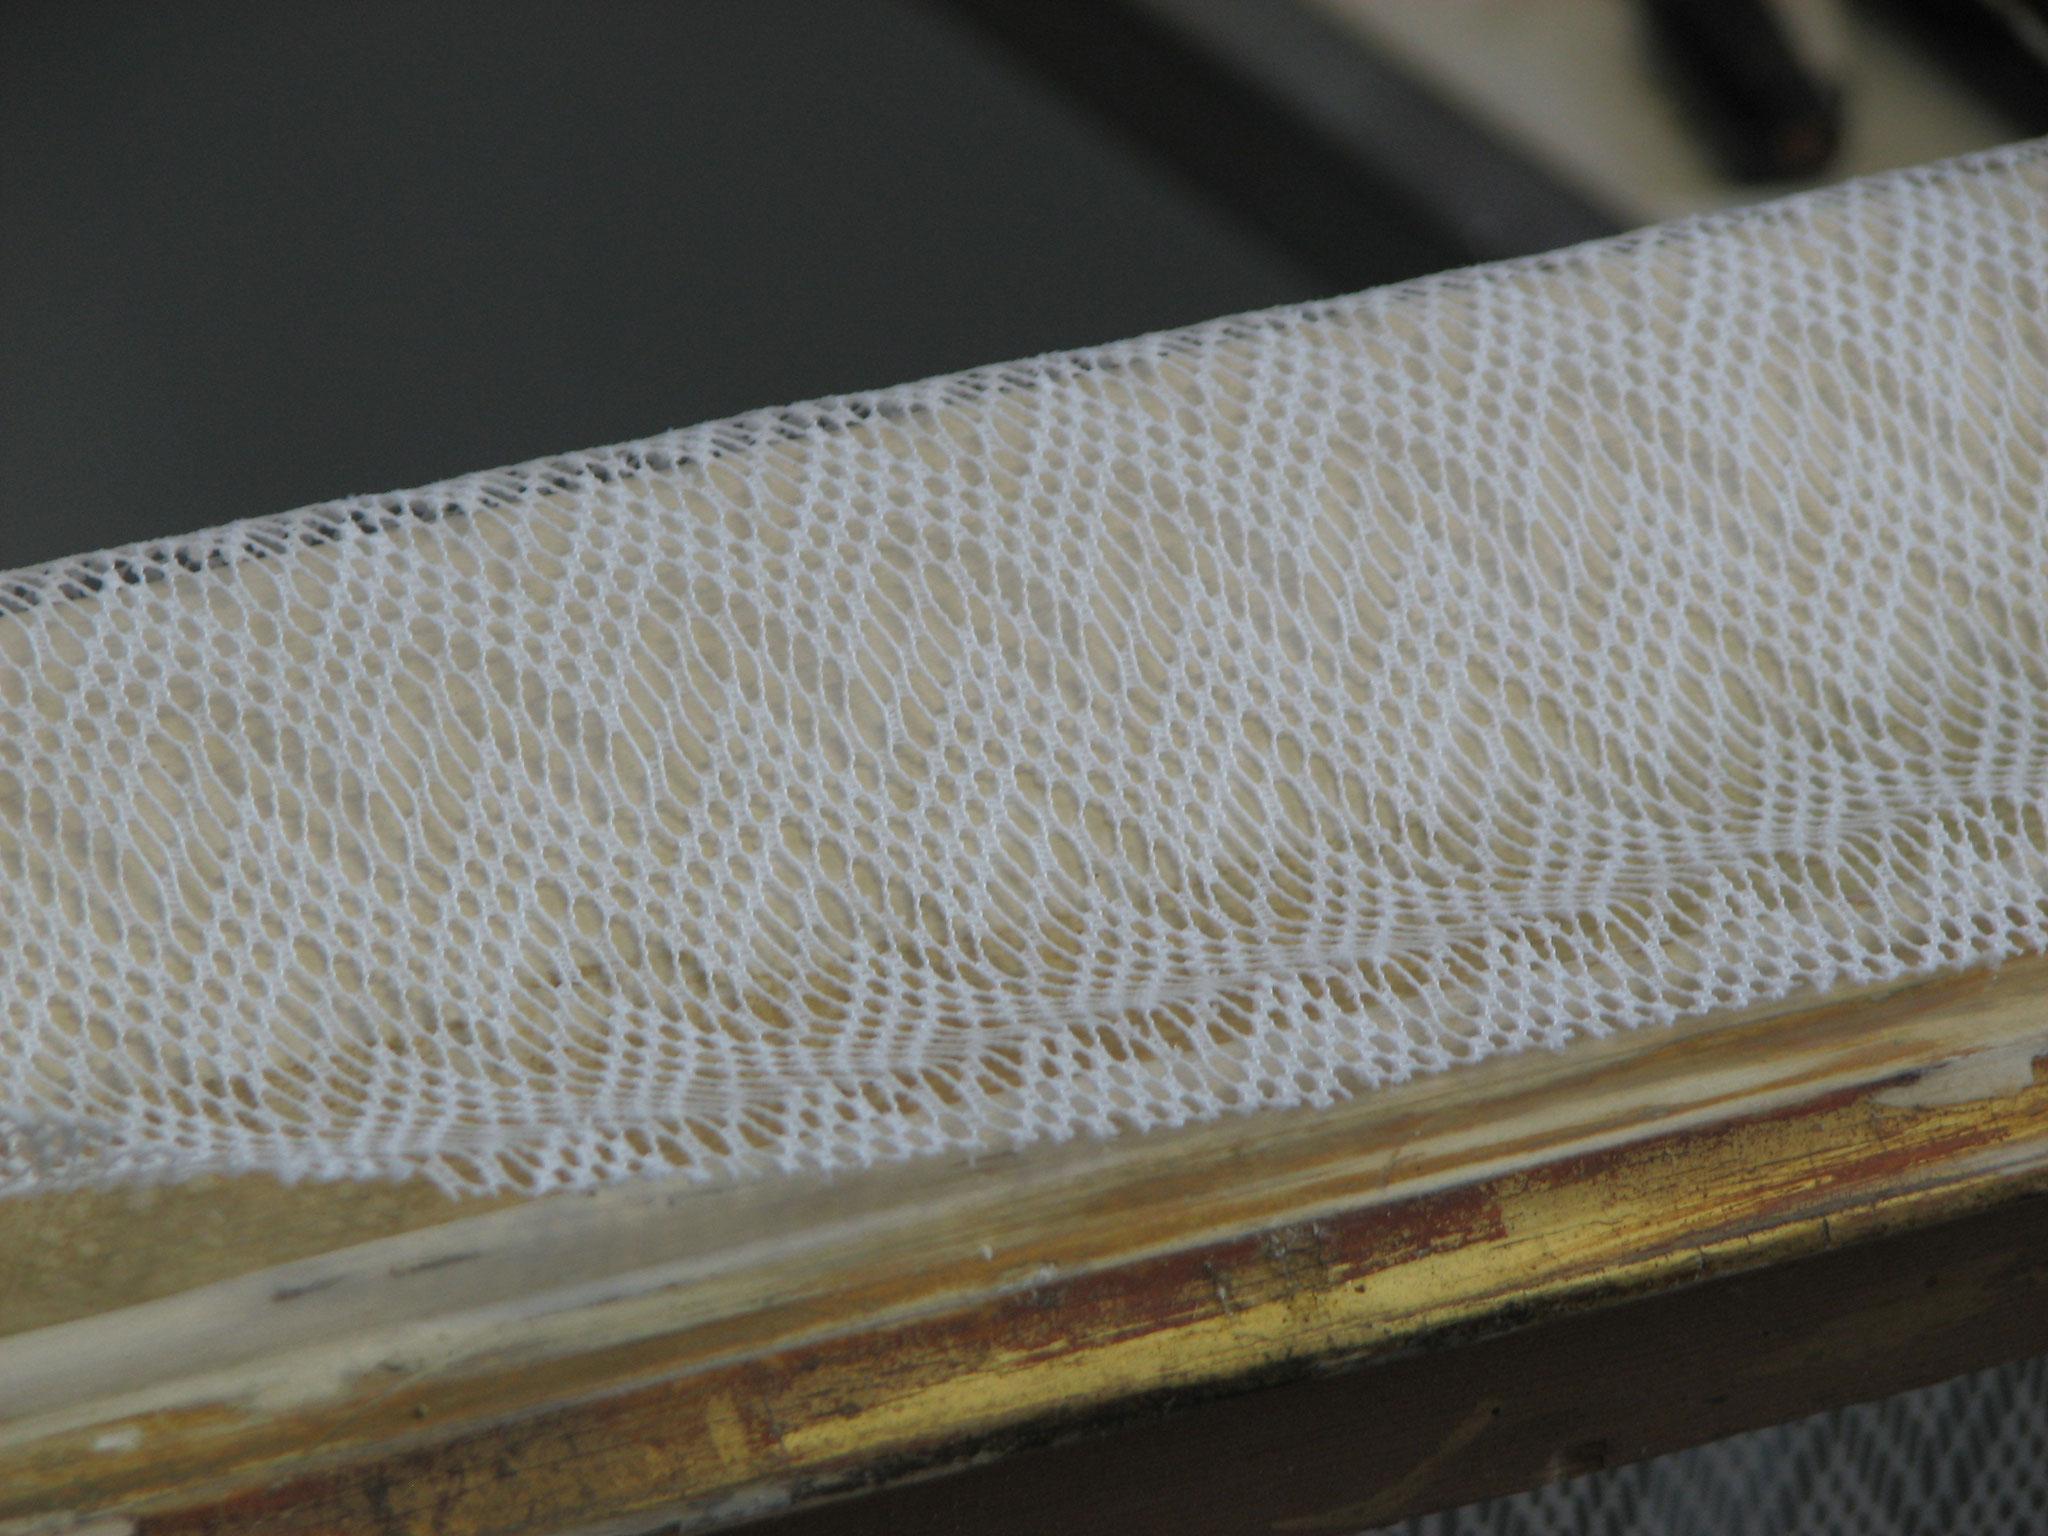 Nach erfolgter Holzergänzung, Aufbringen eines nachgewebtes Spitzenband